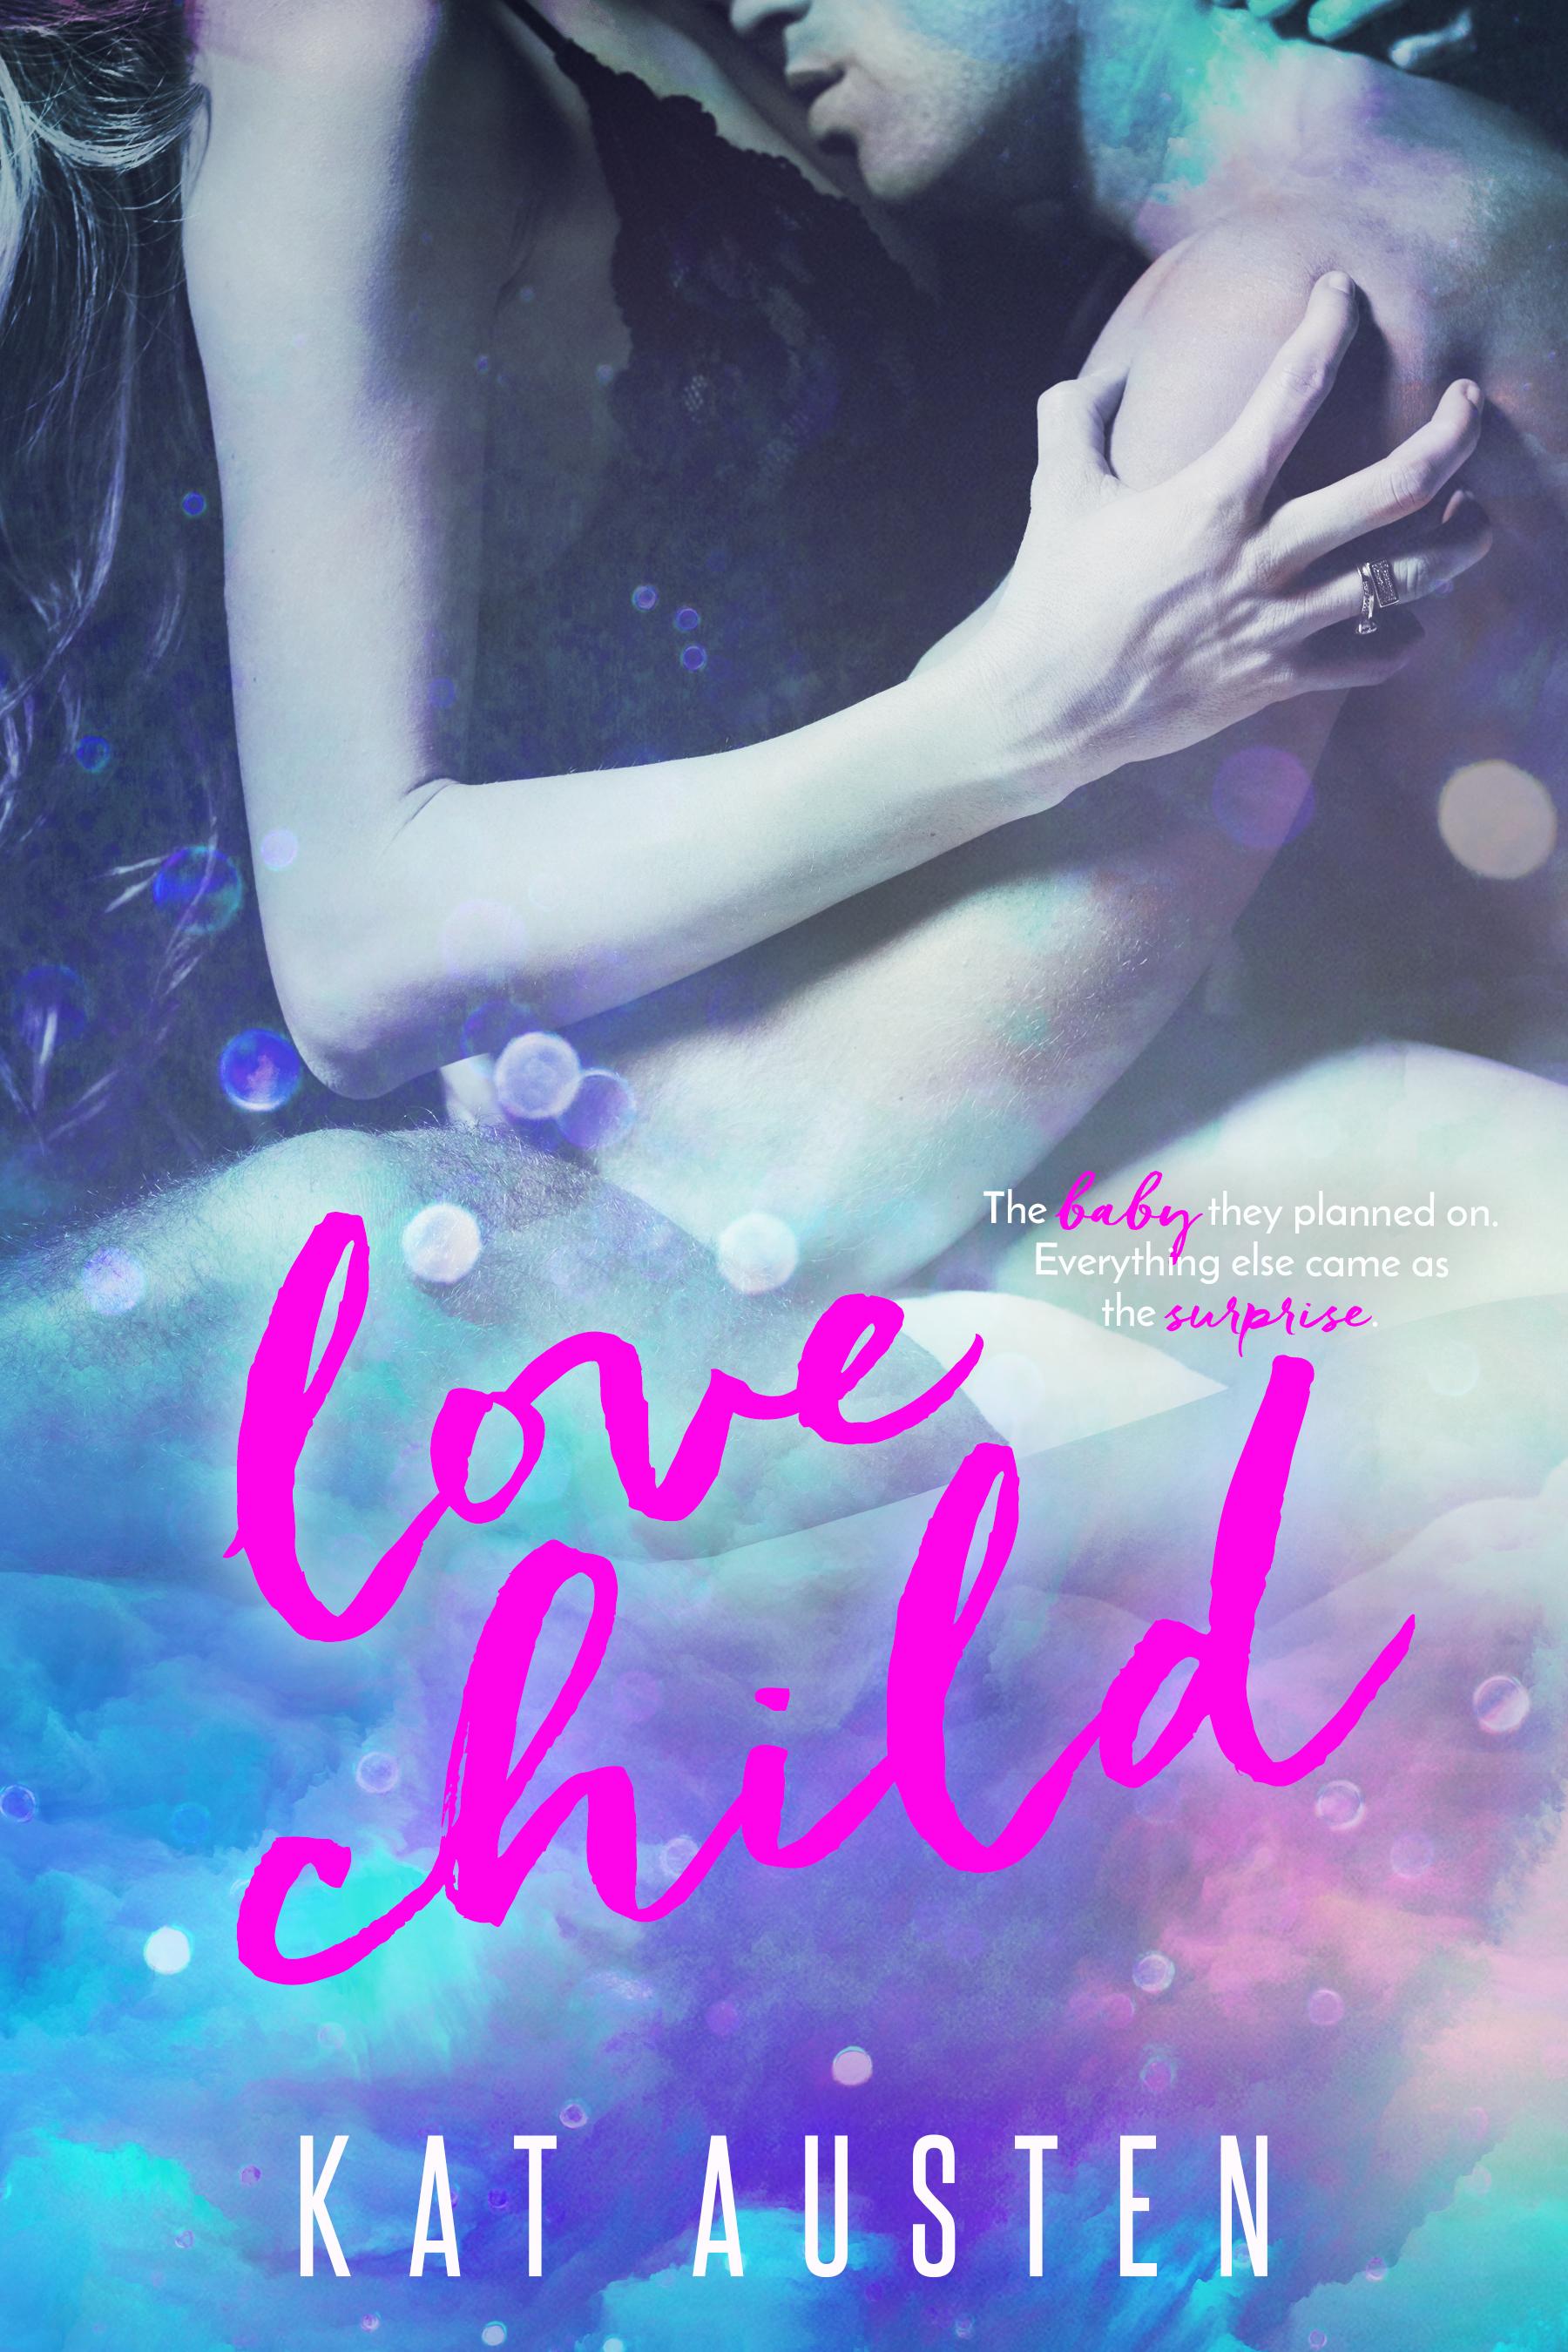 Love Child by Kat Austen